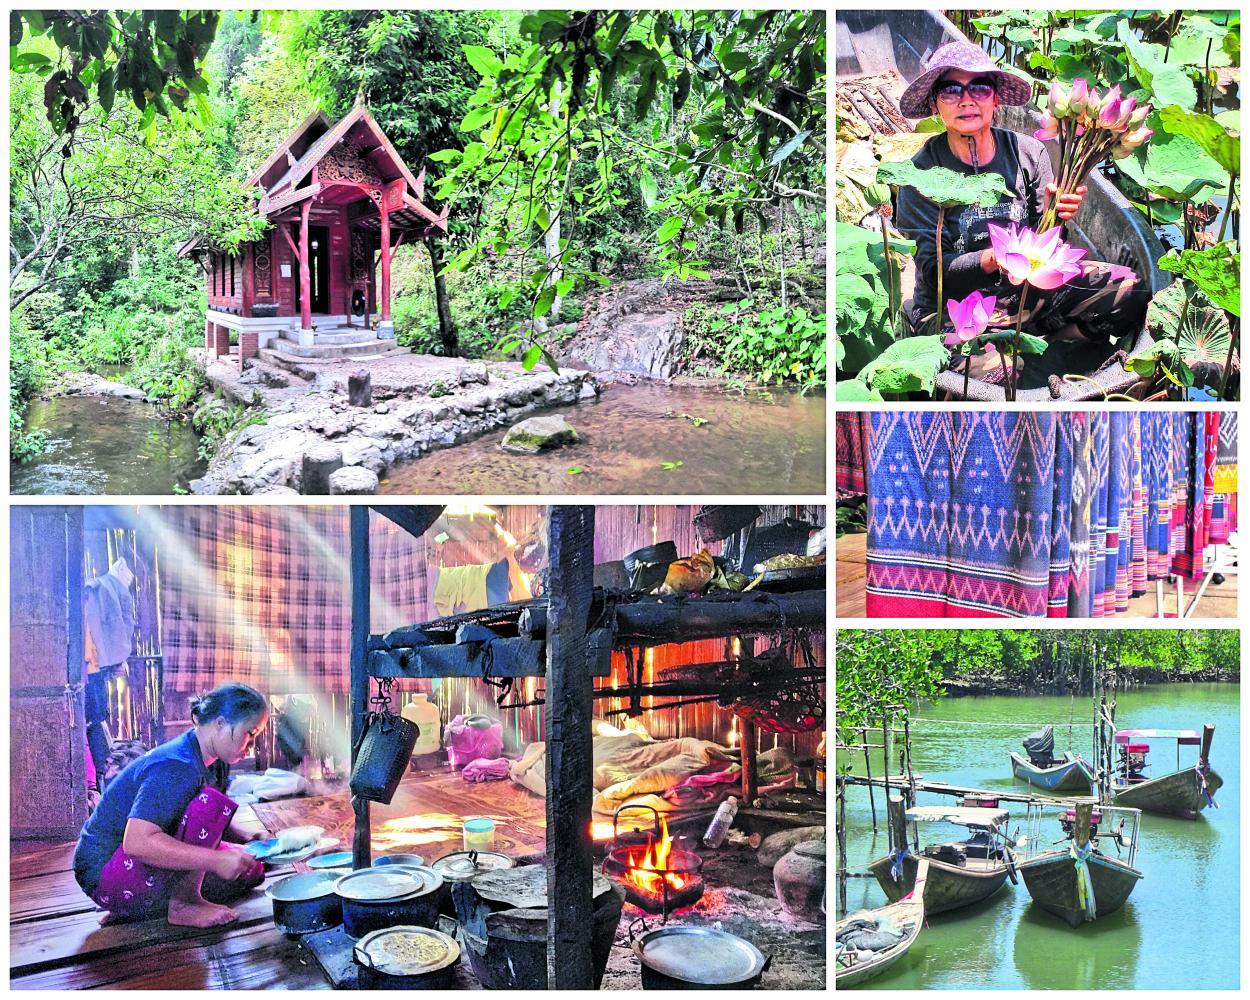 Taking tourism forward